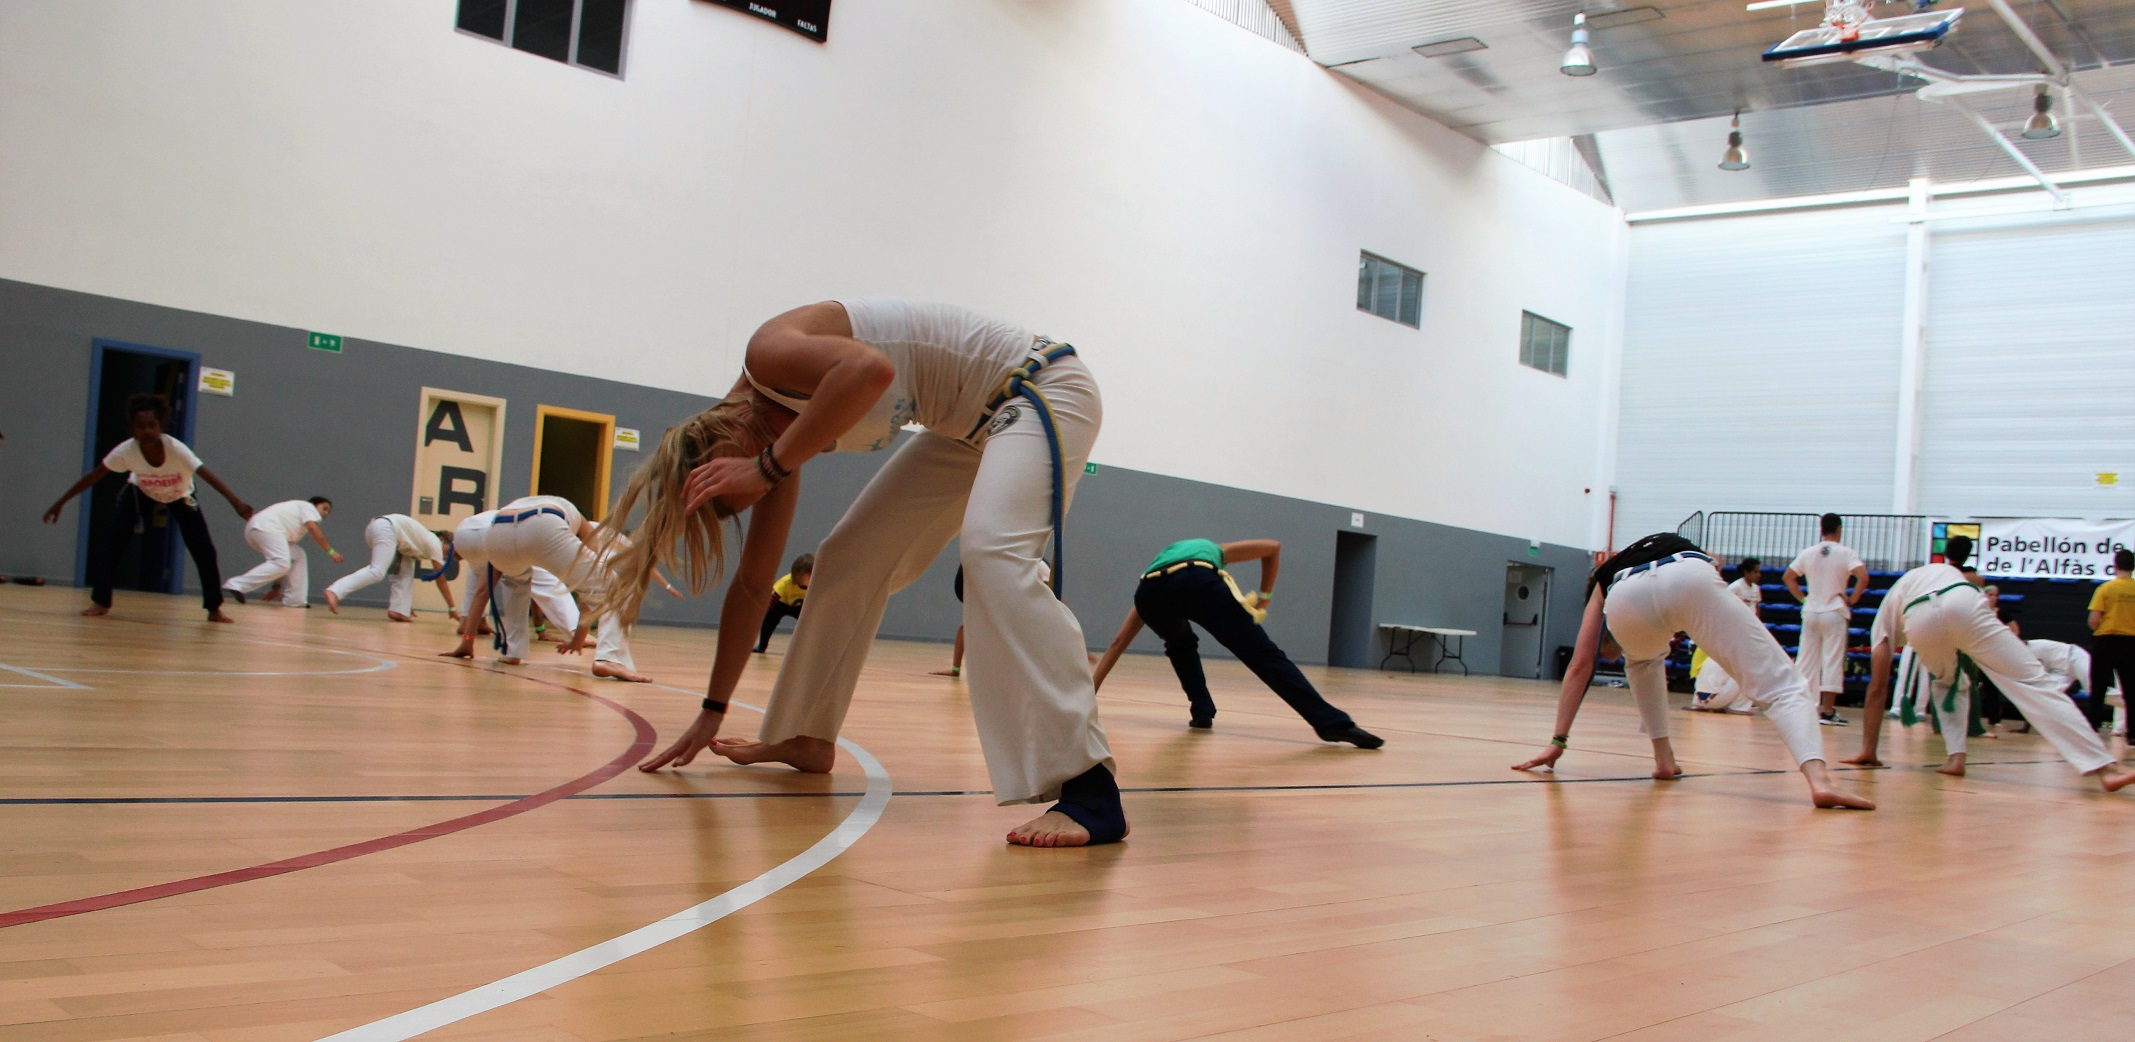 El  5º encuentro Internacional de Capoeira vuelve a l'Alfàs del Pi del 12 a 14 de mayo.